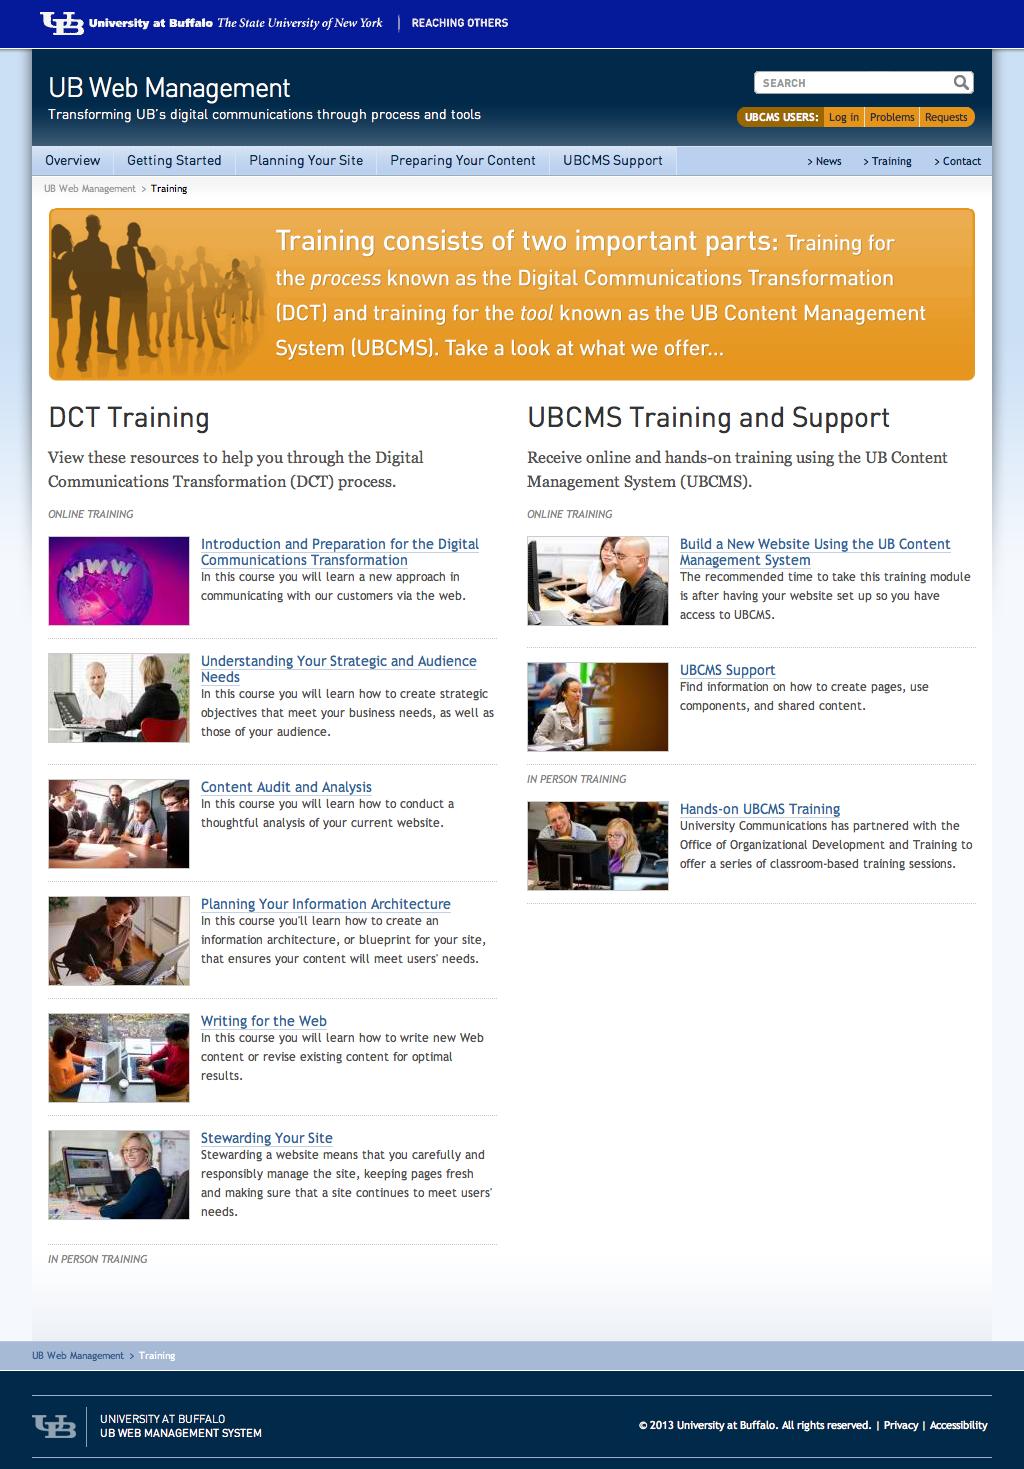 University at Buffalo_UBCMS_Online-Trainings